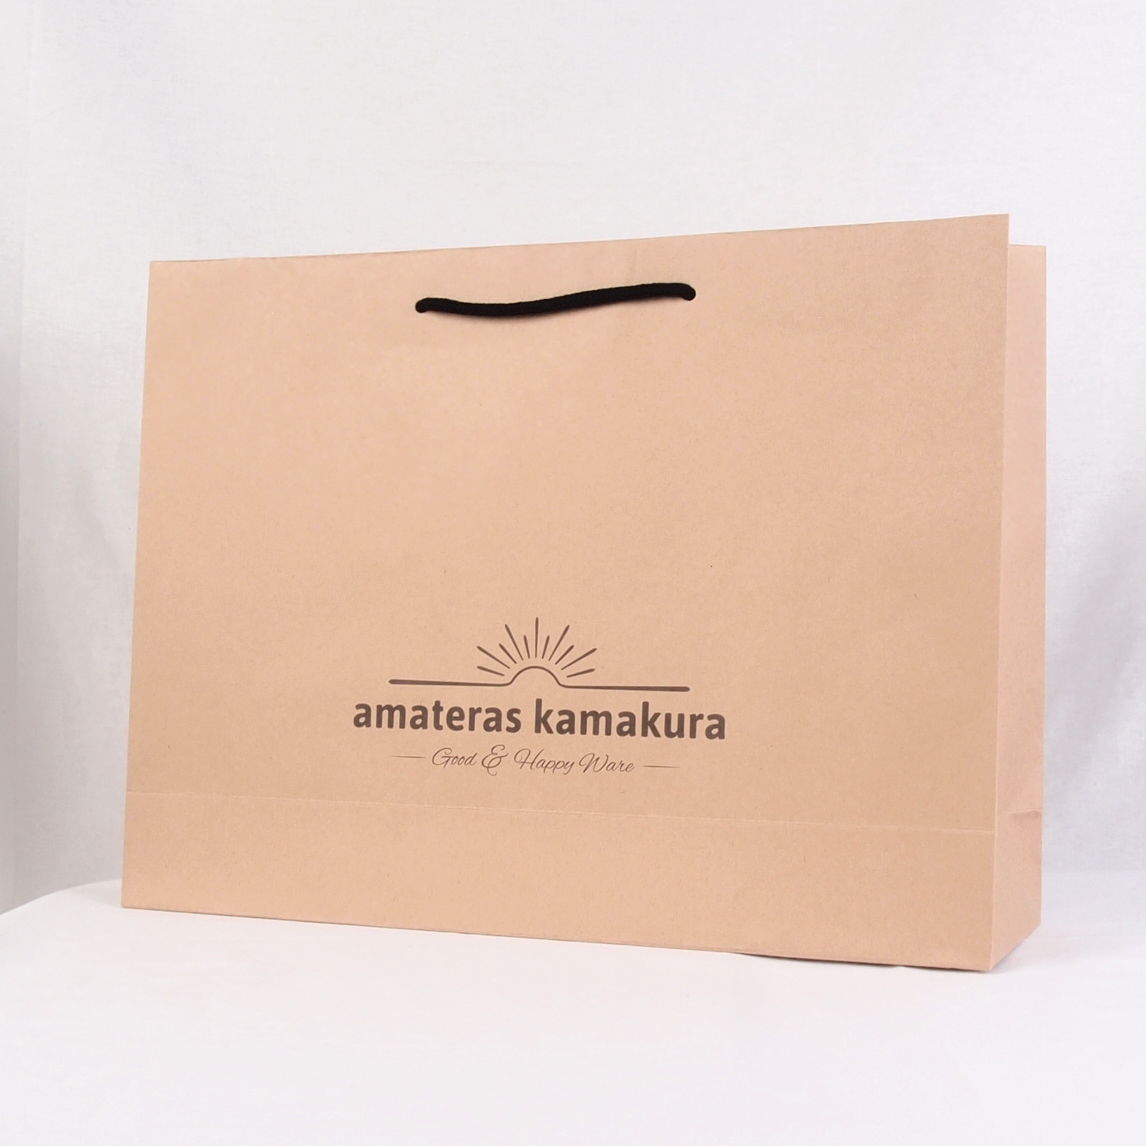 茶色クラフト紙の紙袋サンプル3